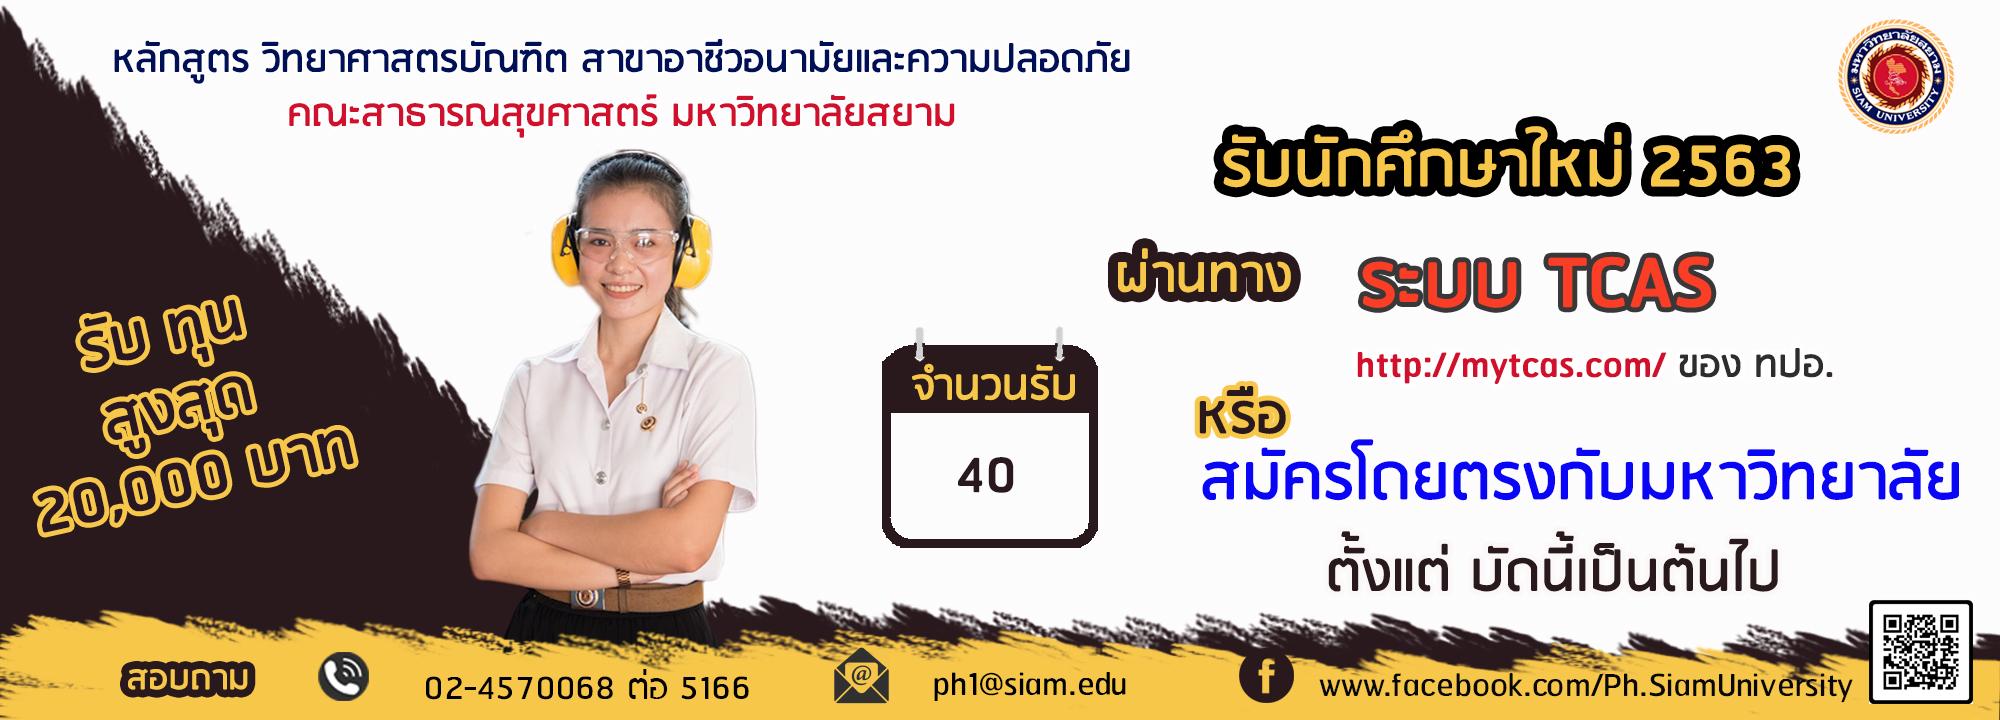 รับสมัครนักศึกษา 2563